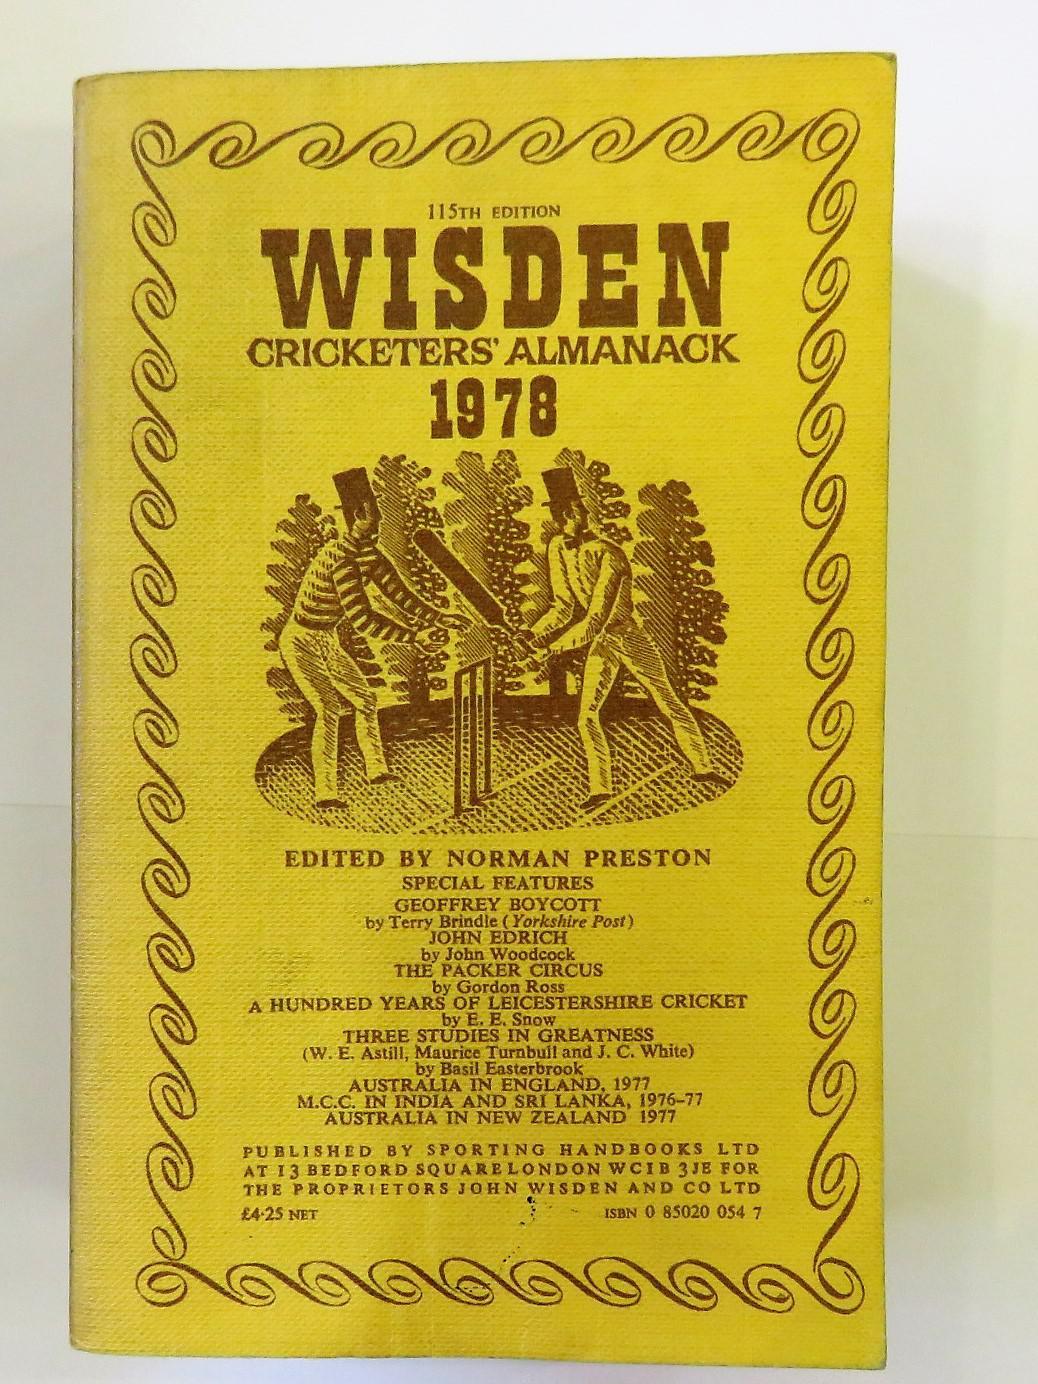 Wisden Cricketers' Almanack 1978